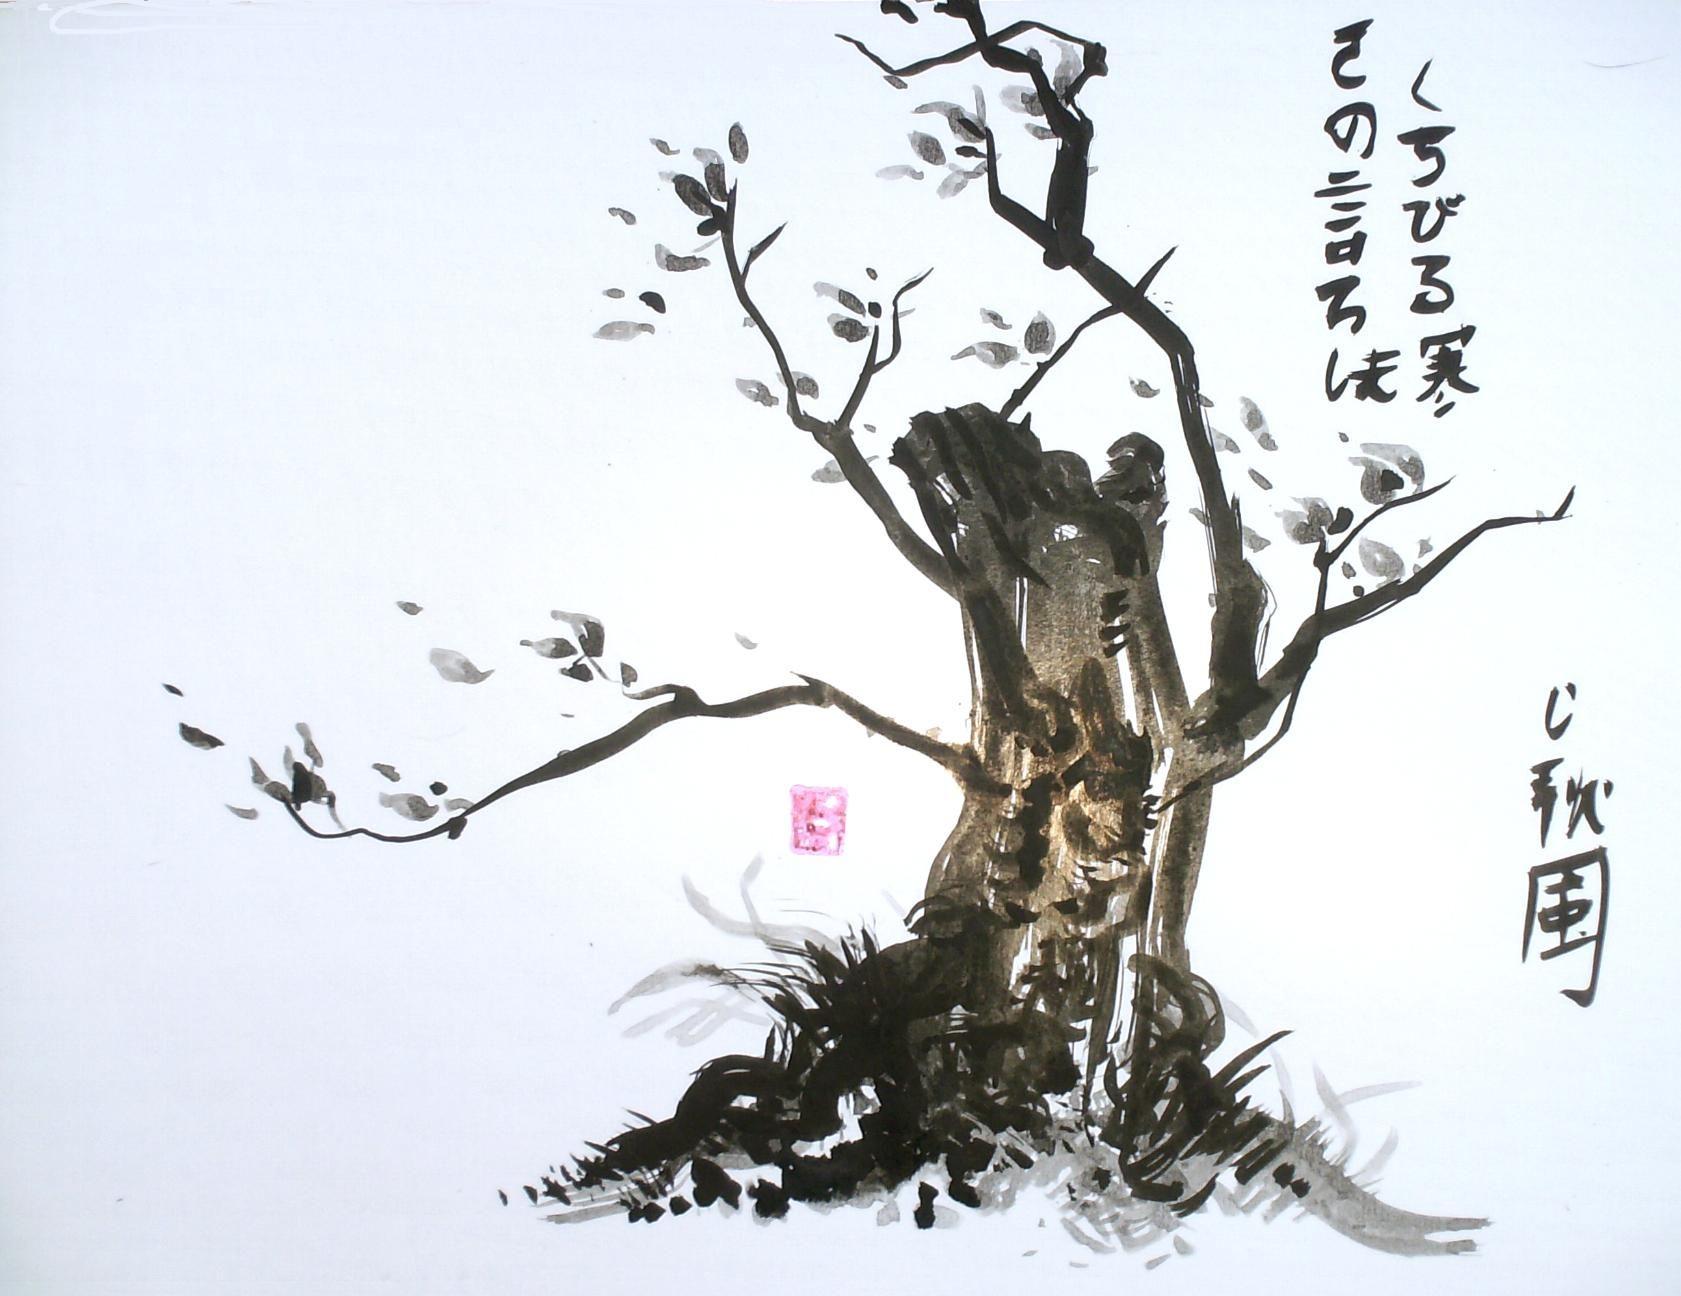 Arbre estampe id e la voix des arbres - Dessin arbre japonais ...